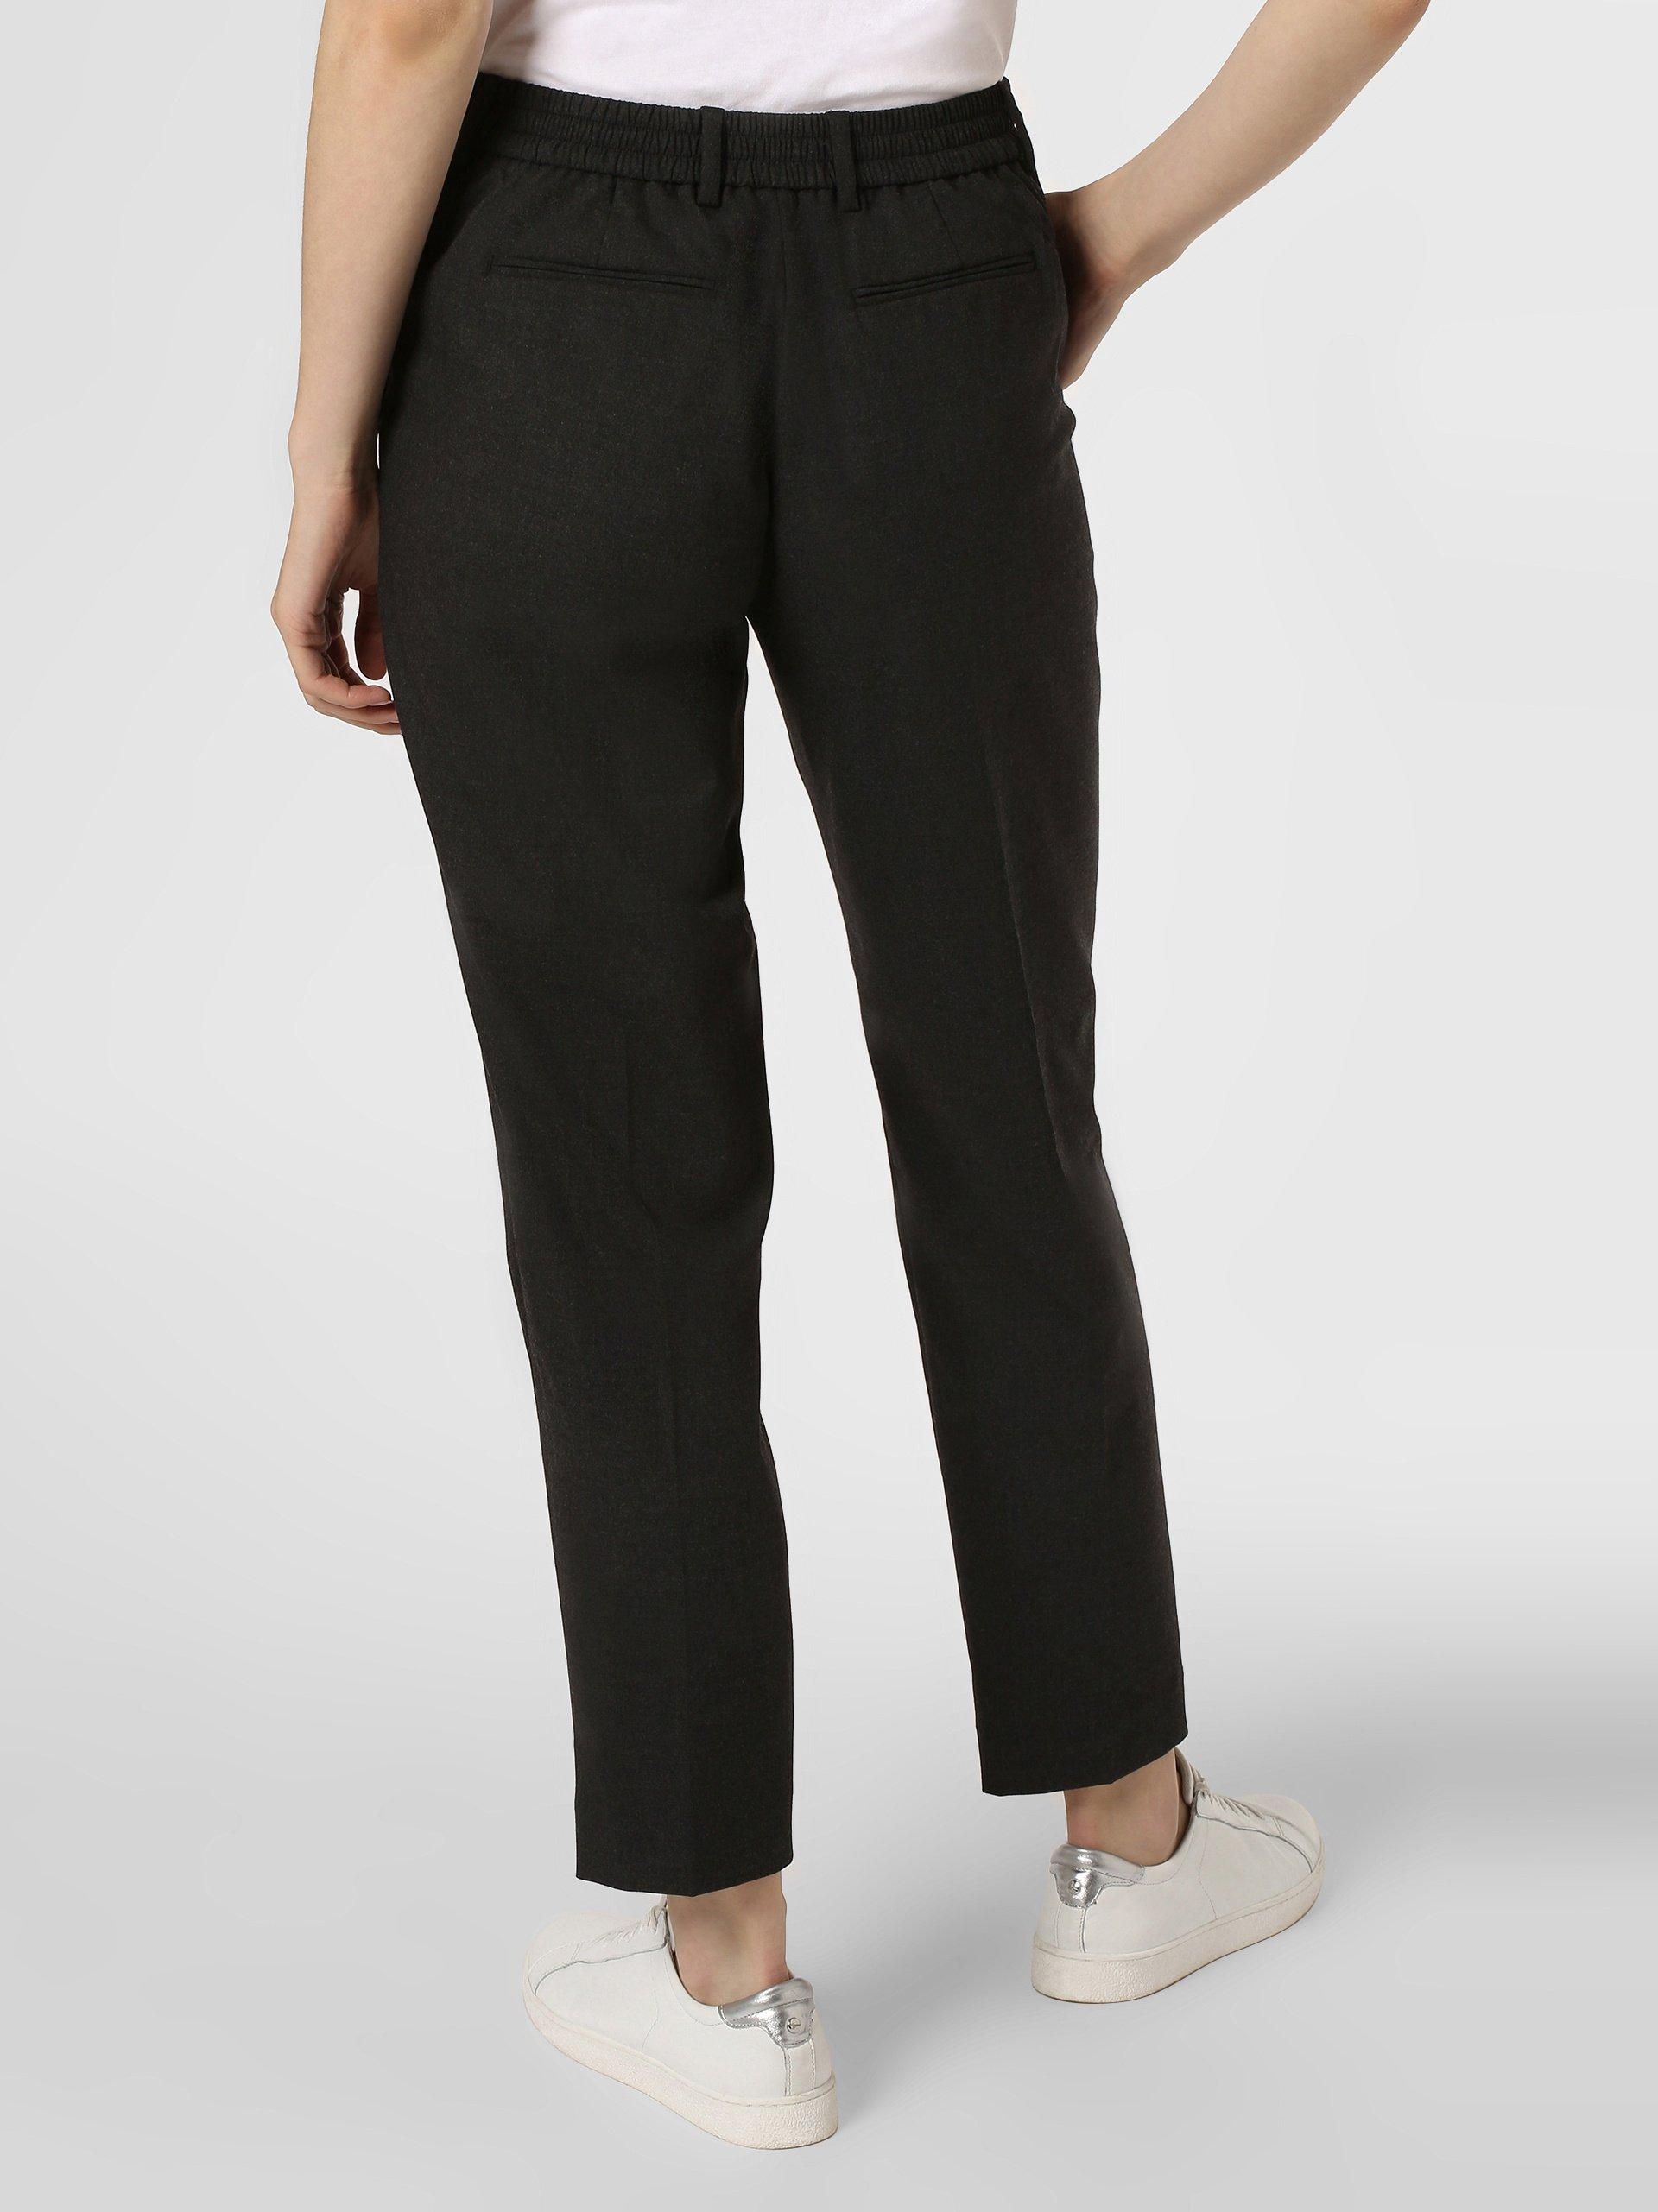 Calvin Klein Damen Hose